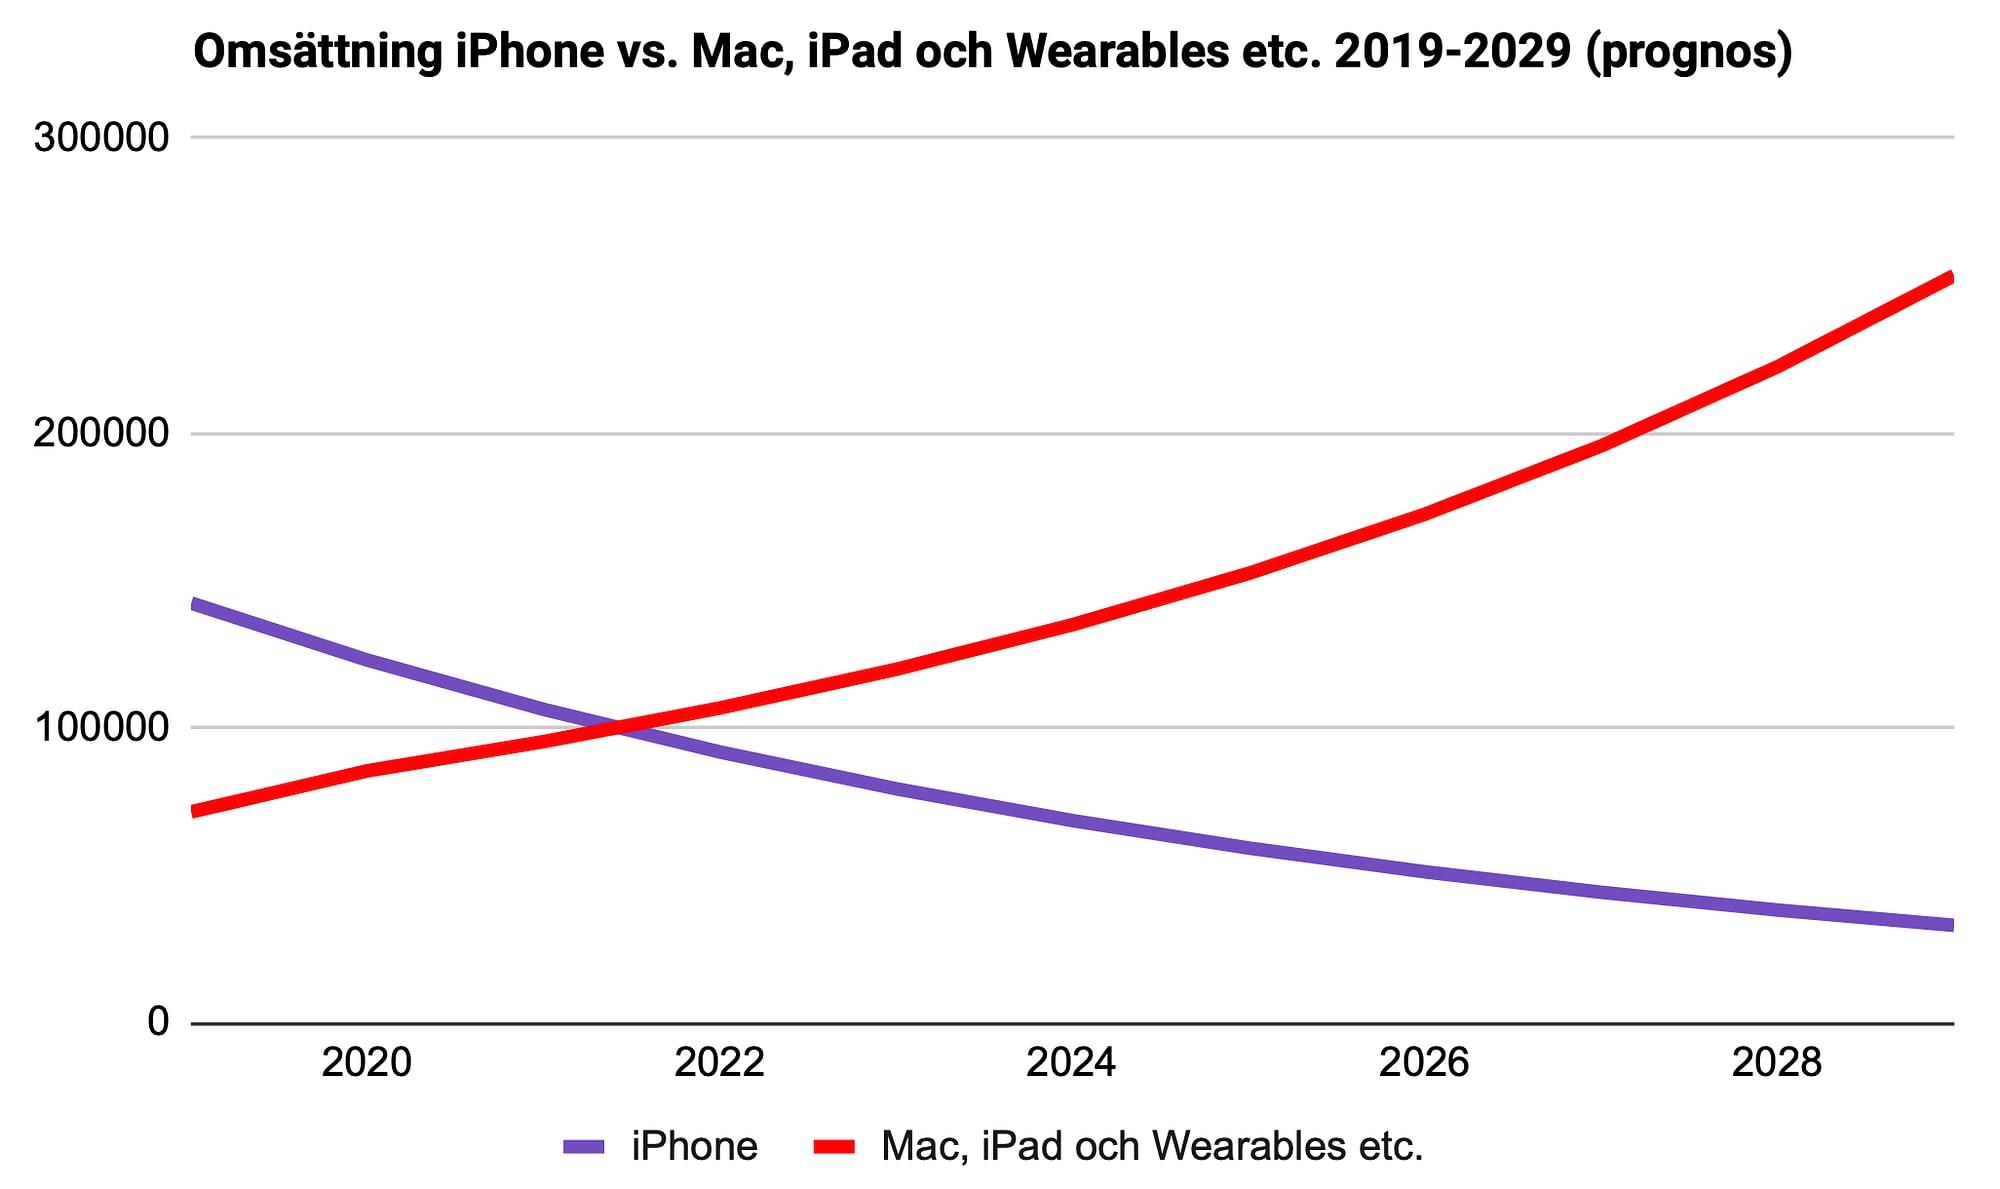 Diagram över omsättningen för iPhone jämfört med omsättningen för Mac, iPad och Wearables etc. 2019-2029